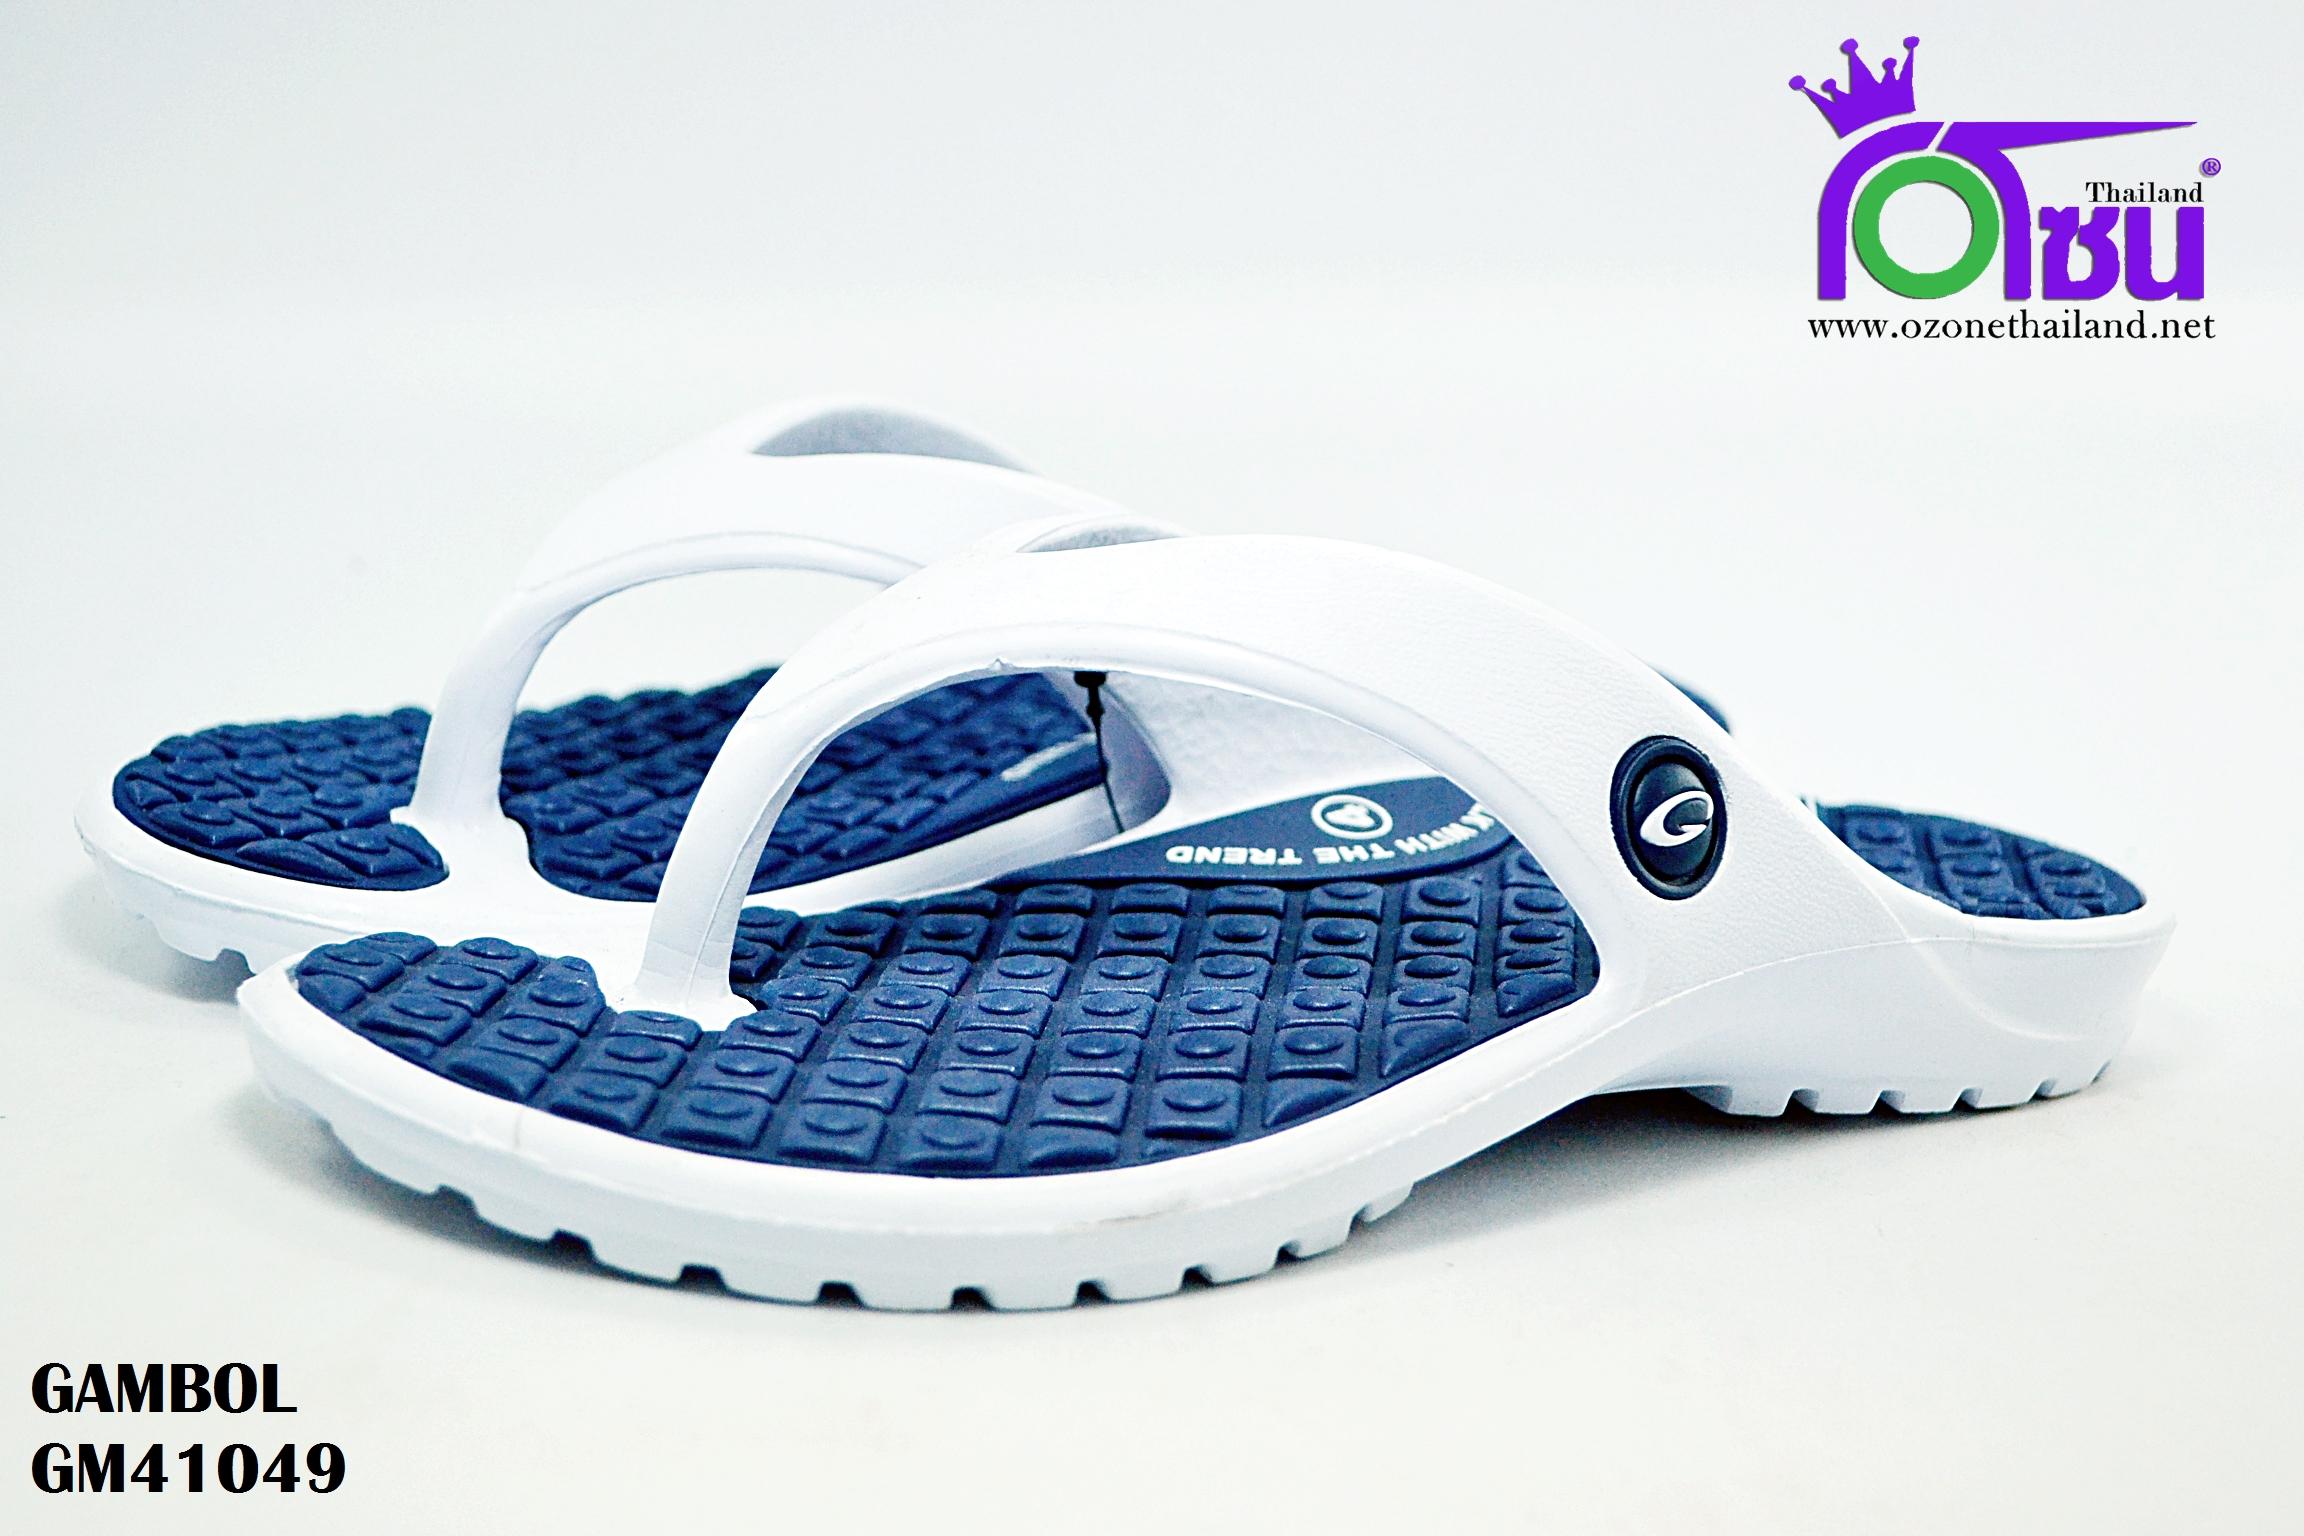 รองเท้าแตะ GAMBOL แกมโบล รุ่น GM 41049 สีกรม เบอร์ 4-9